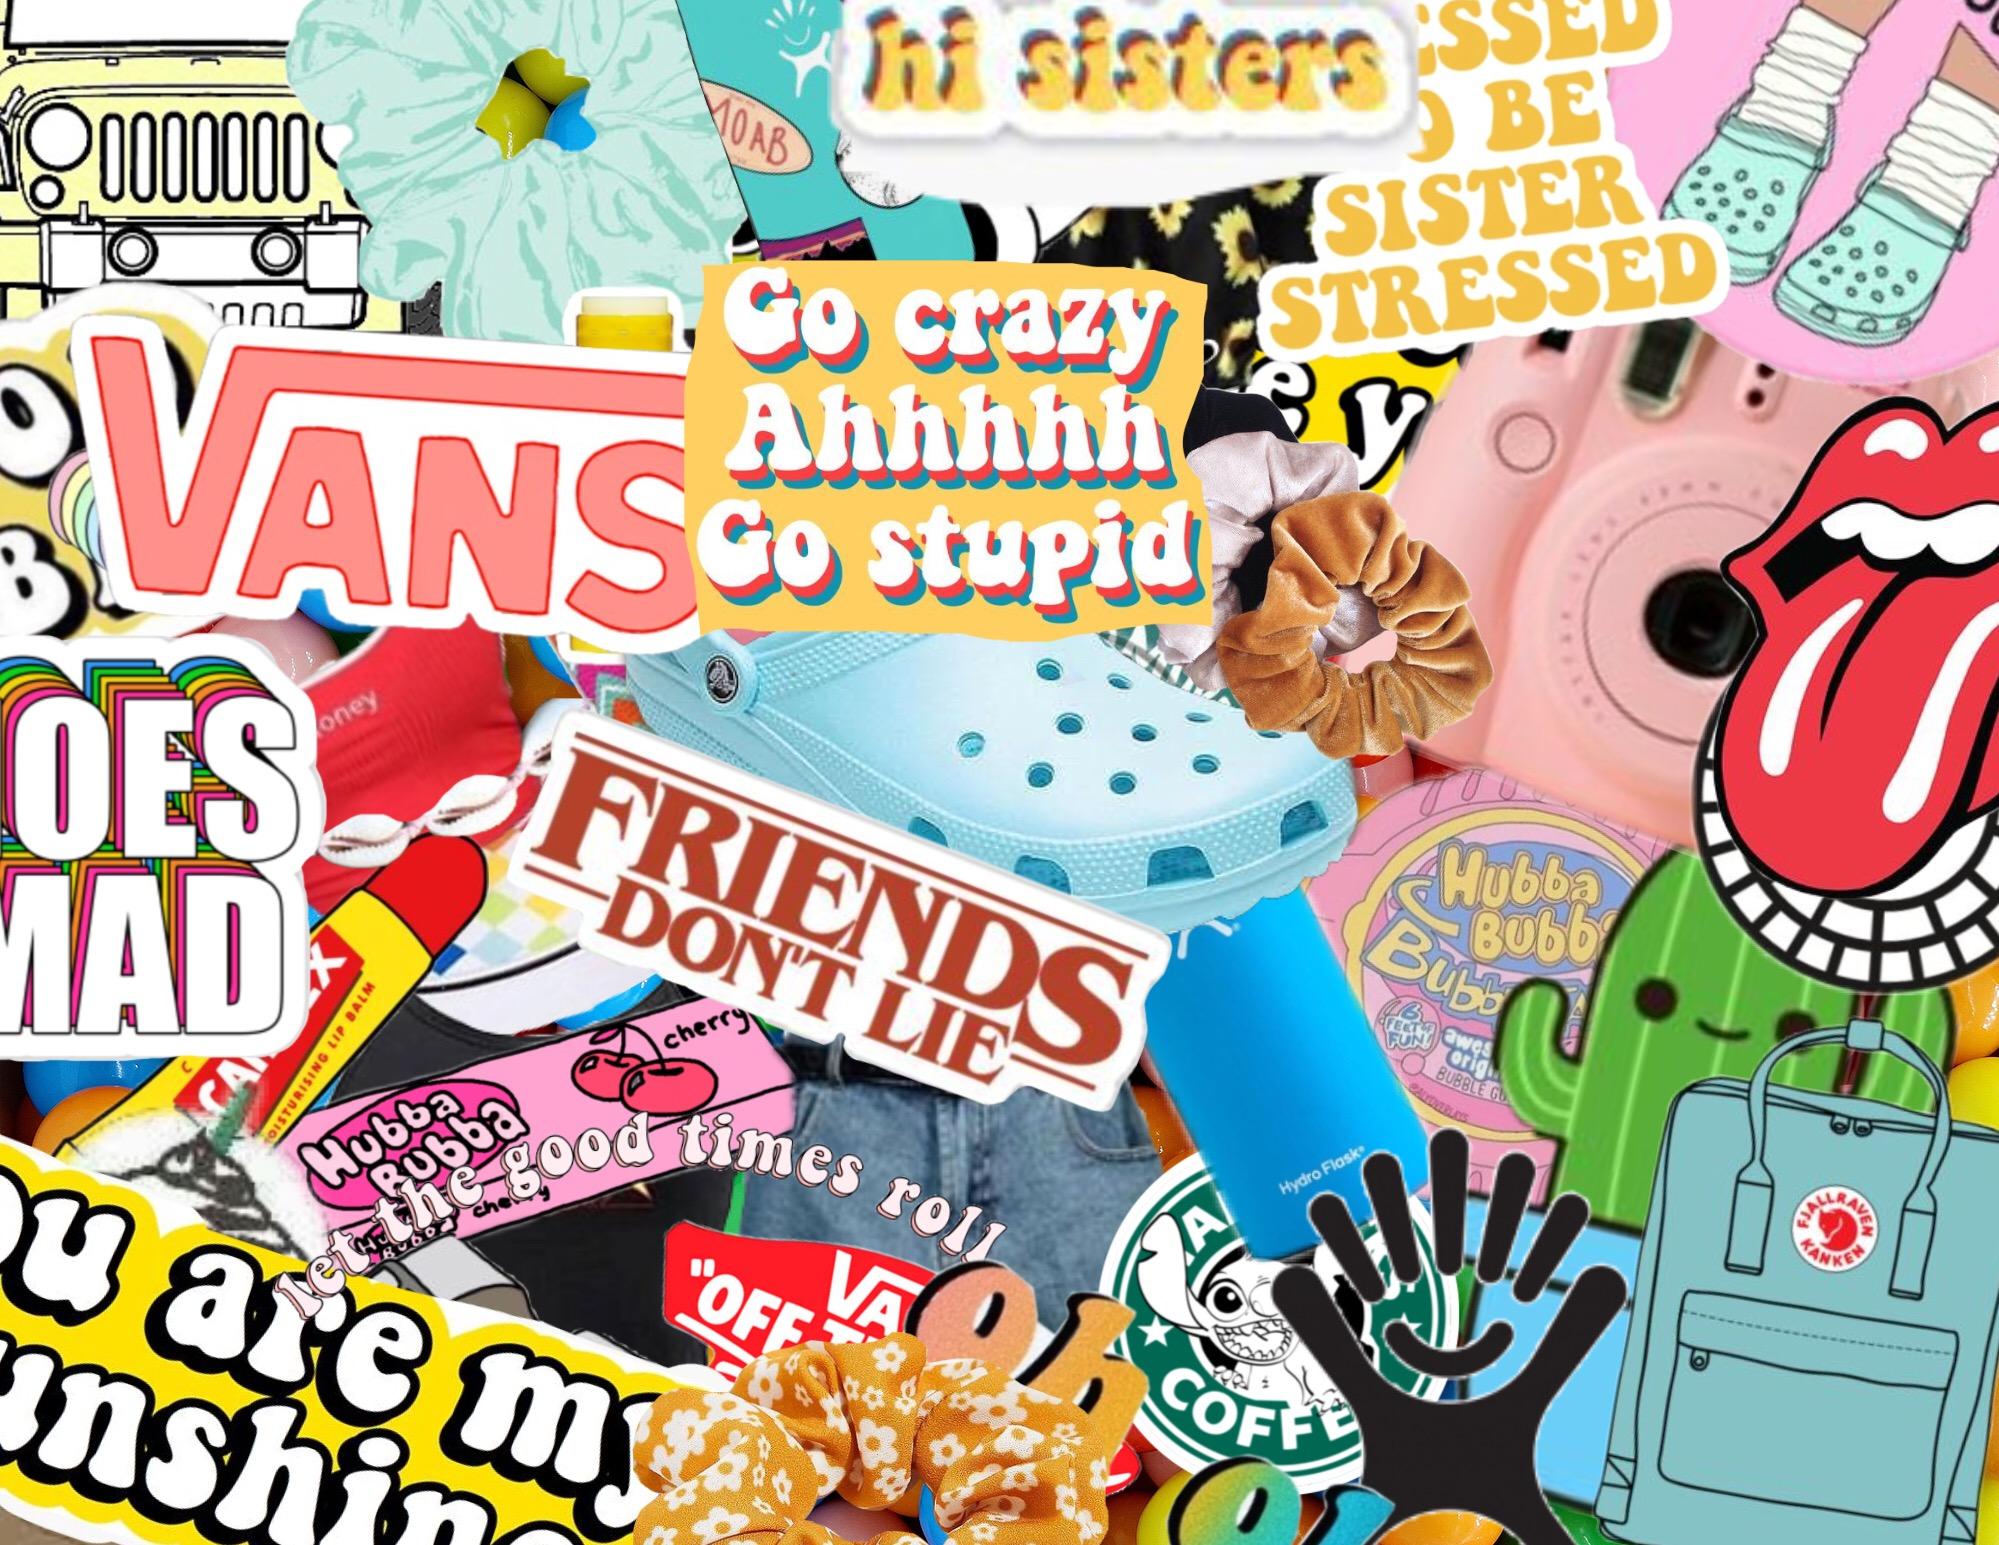 Wallpaper For Laptop Vsco